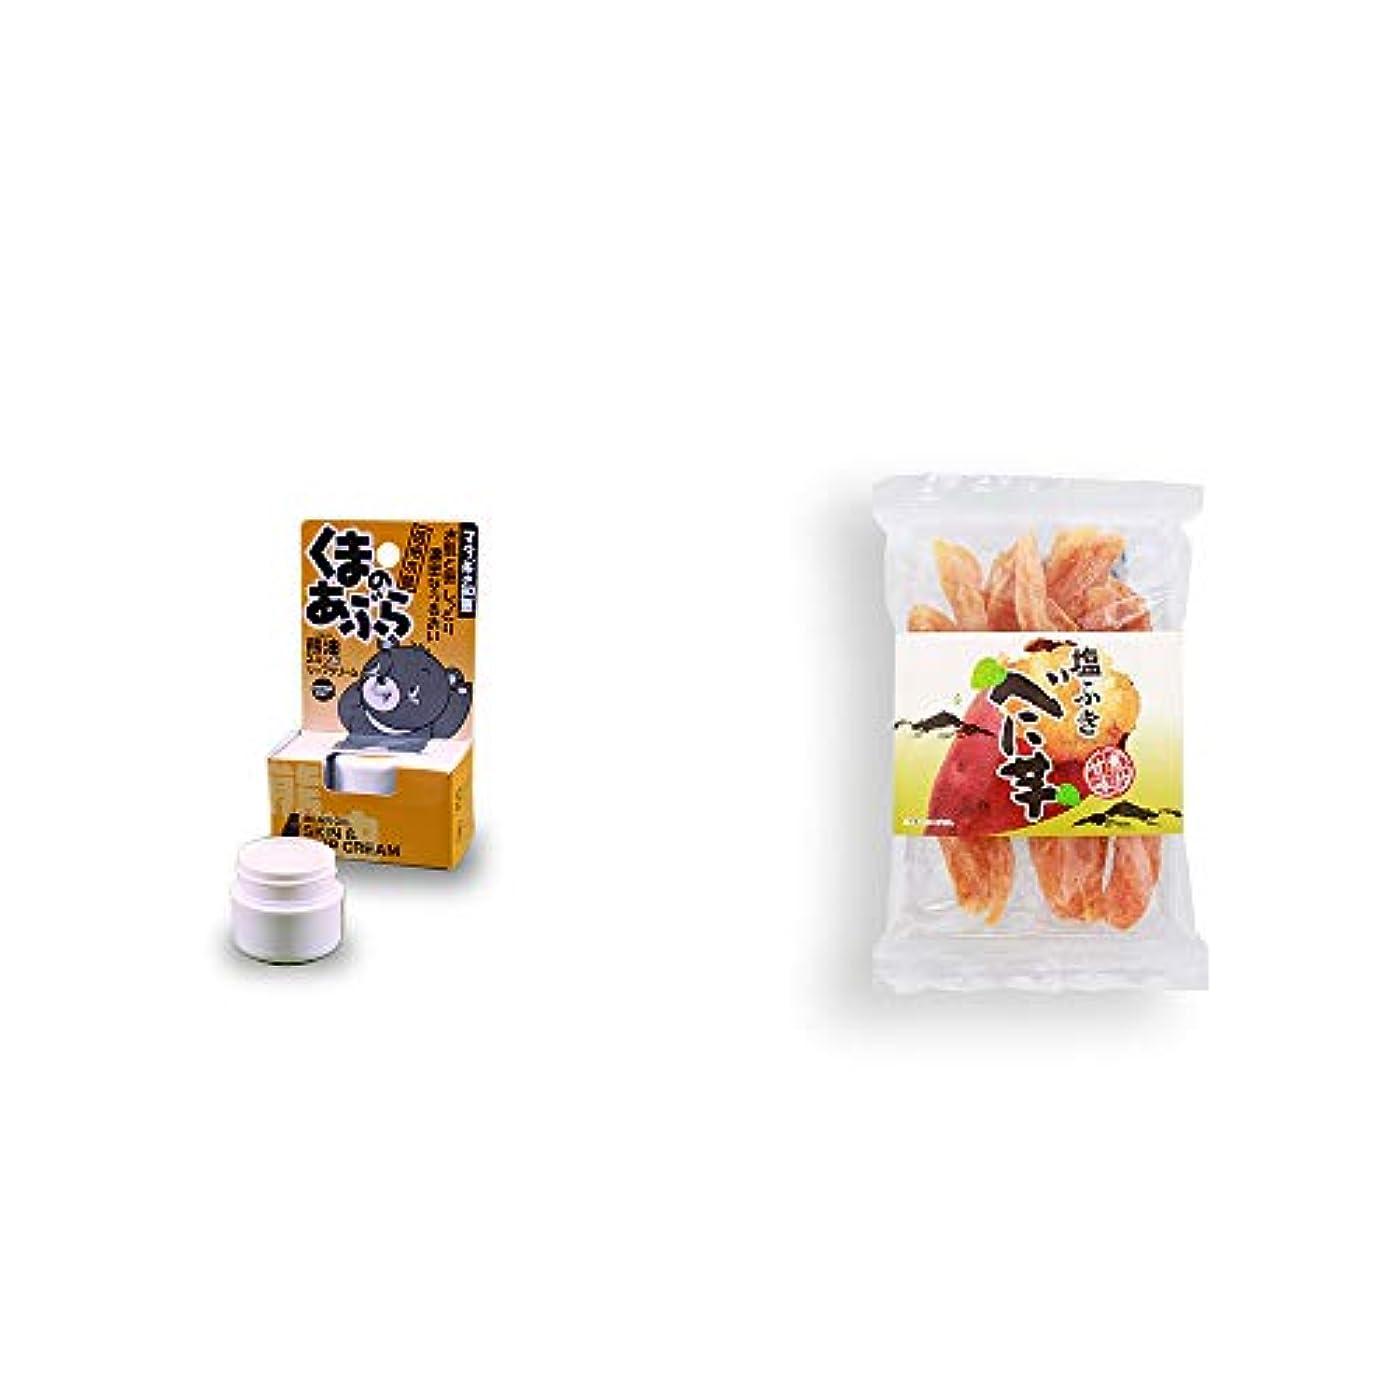 臨検ユーモア意気込み[2点セット] 信州木曽 くまのあぶら 熊油スキン&リップクリーム(9g)?塩ふき べに芋(250g)